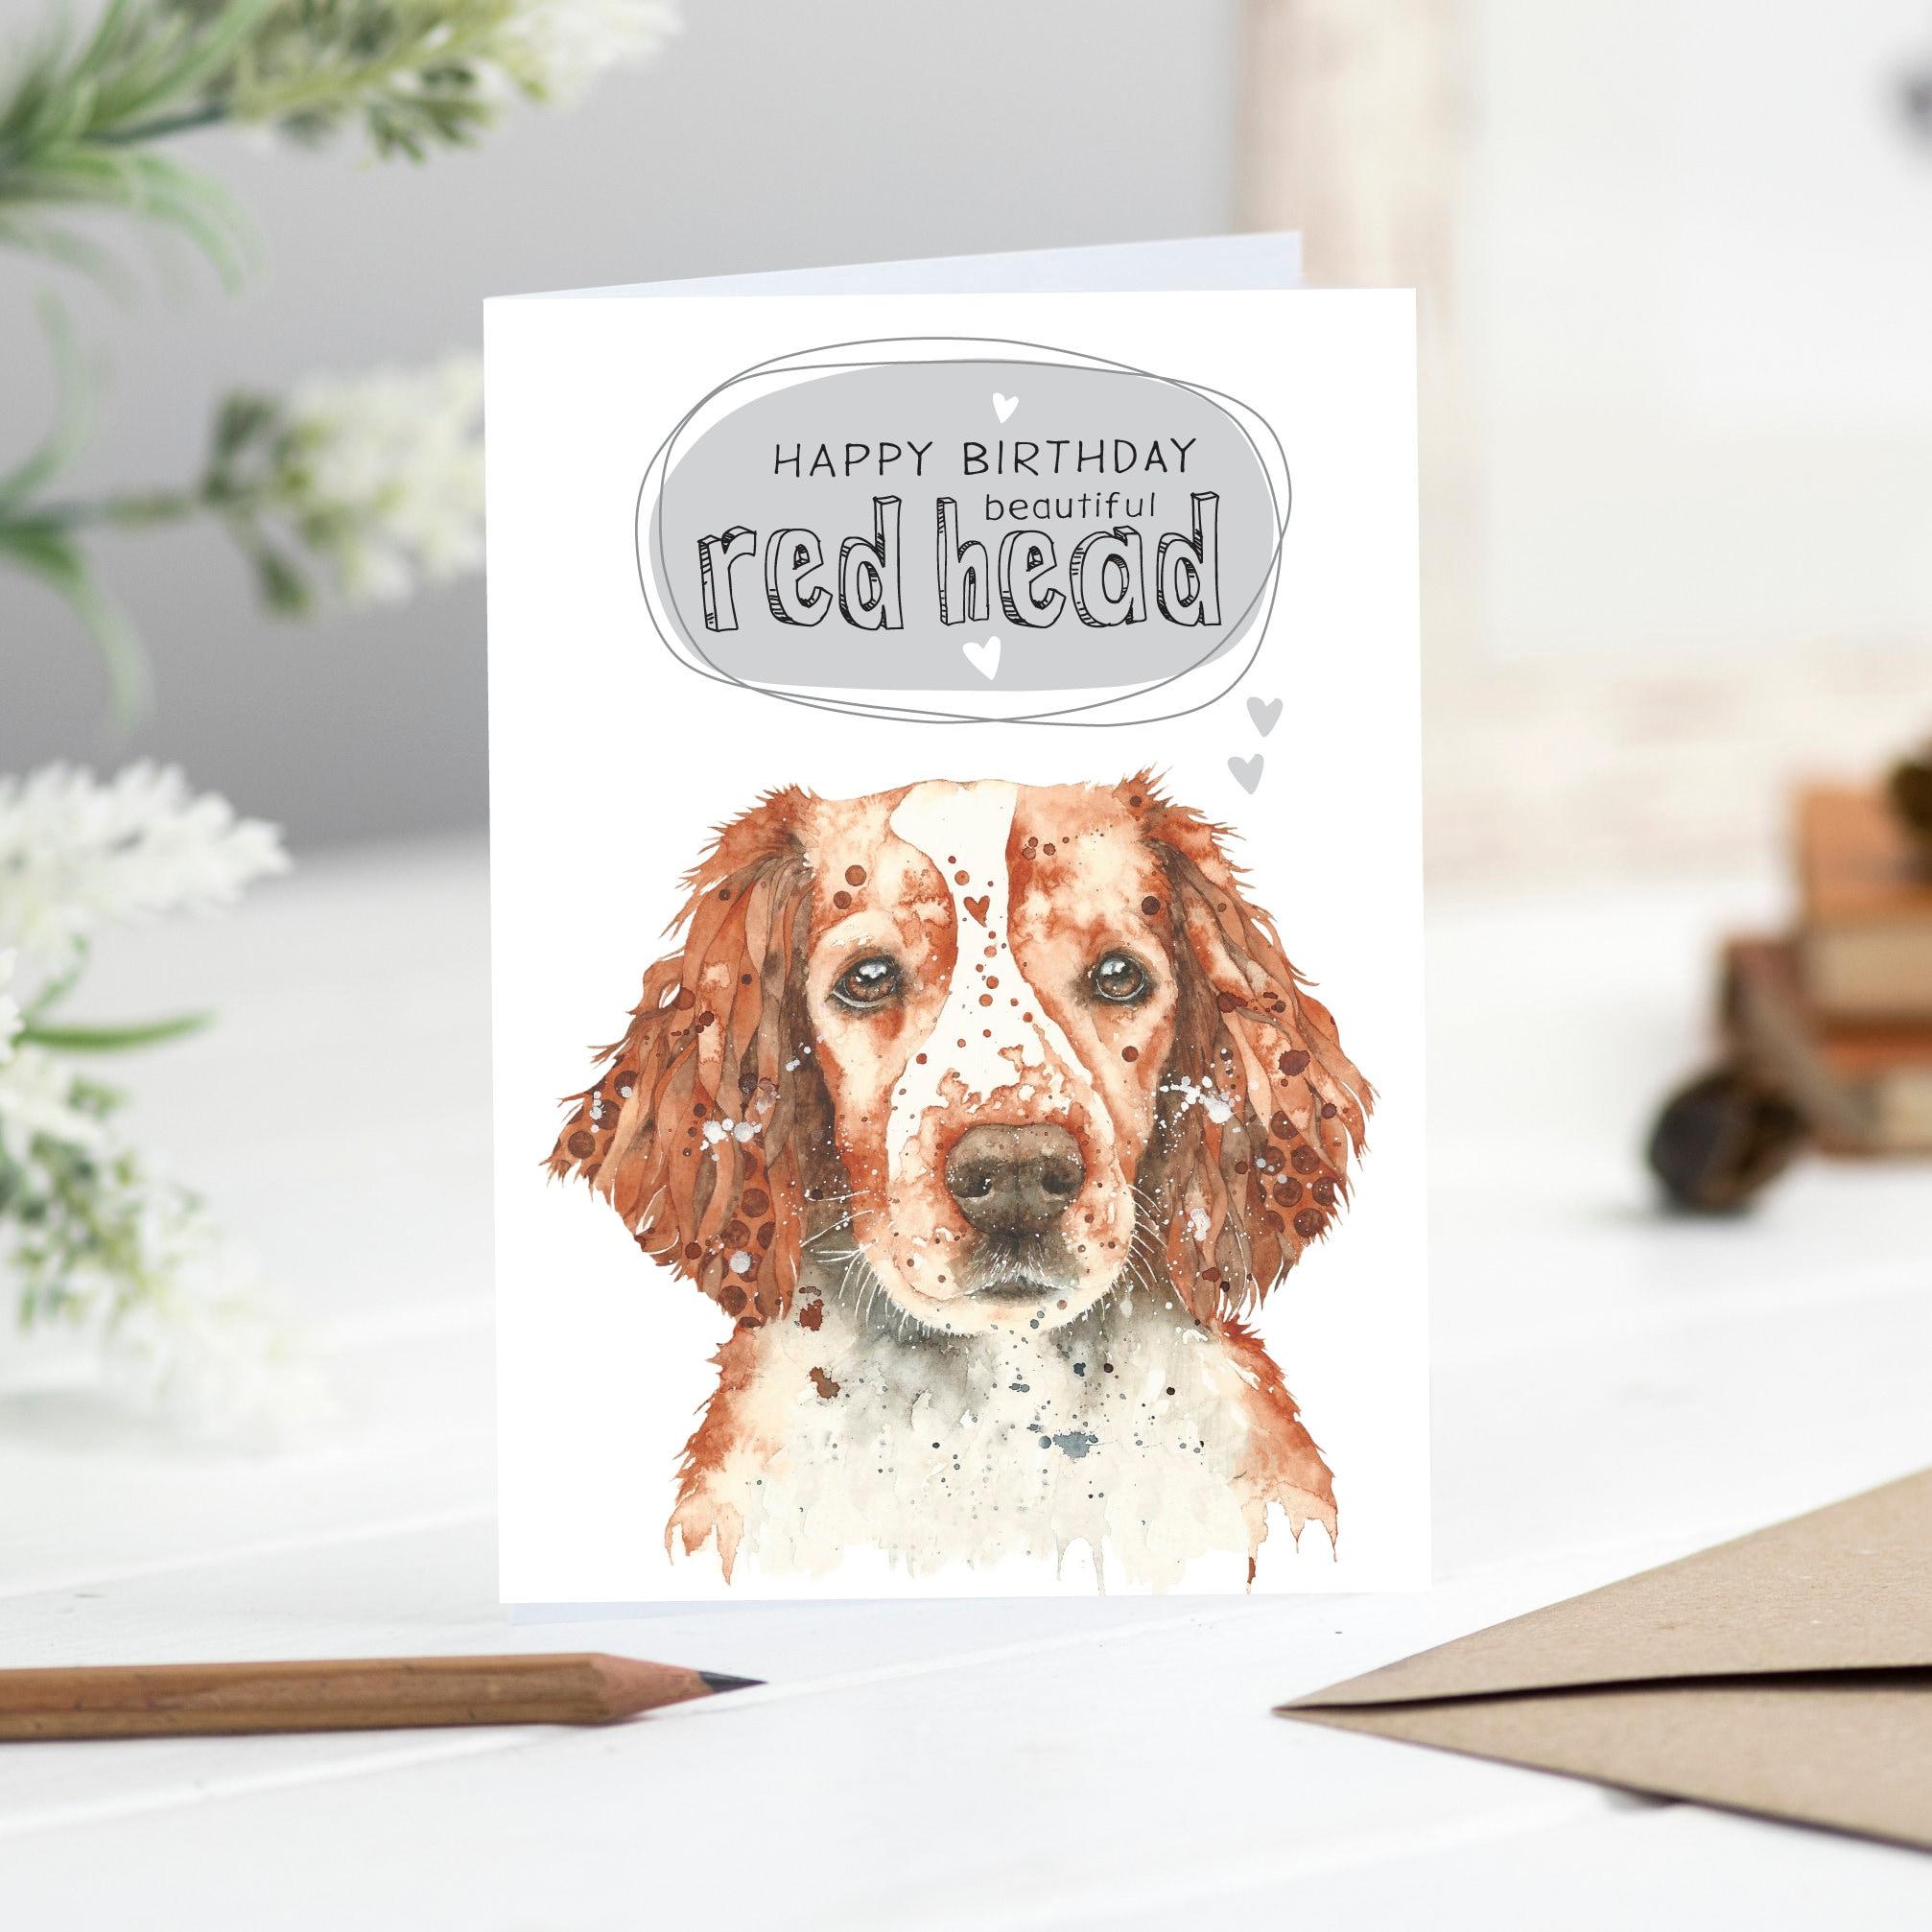 Birthday Dog Card Welsh Spaniel Red Head